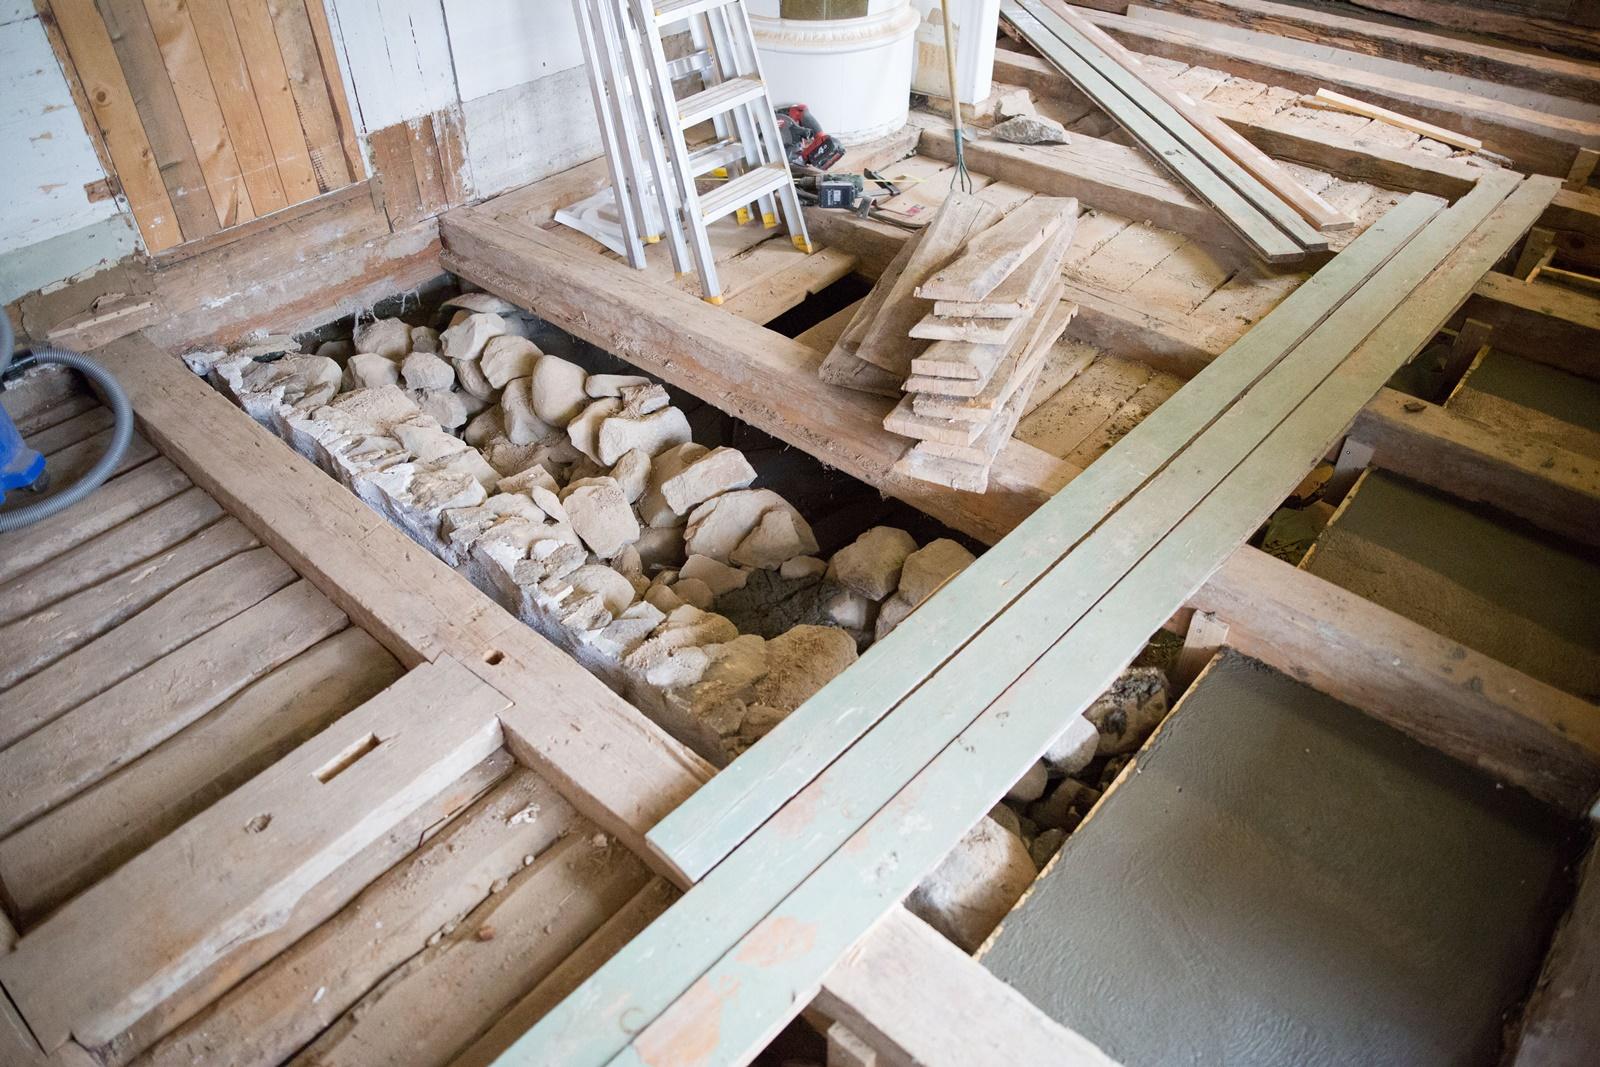 Inredning vattenburen golvvärme källare : Utmaningarna är mÃ¥nga under köksrenoveringen »